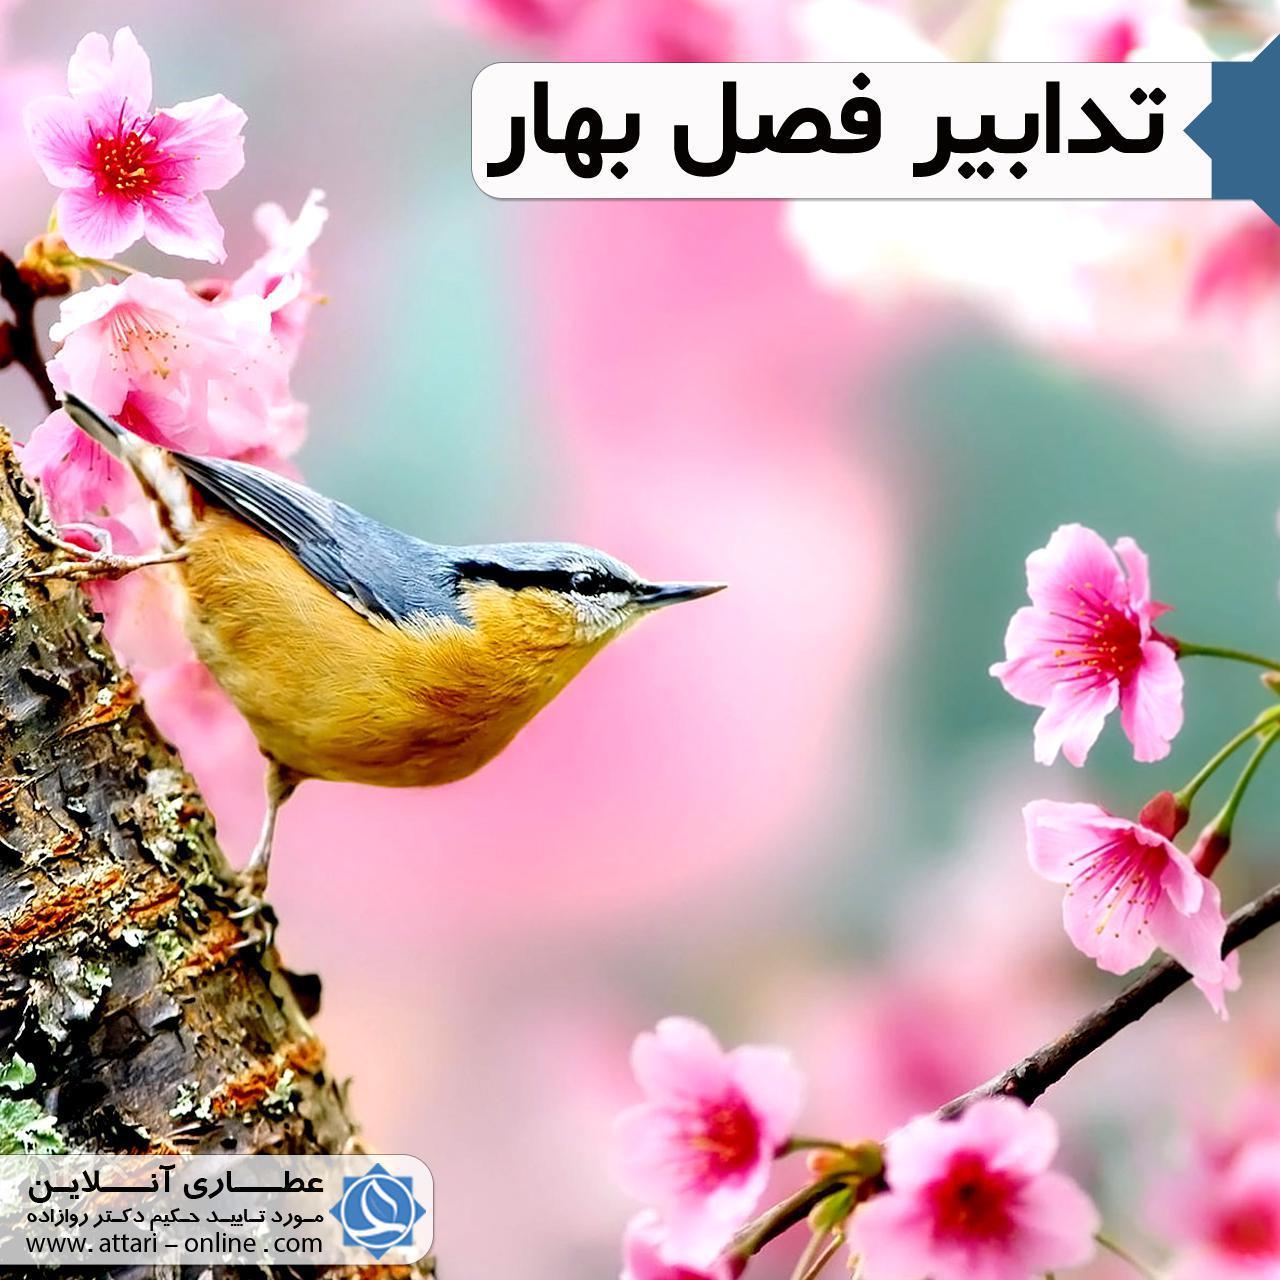 بهار ک2 تدابیر فصل بهار